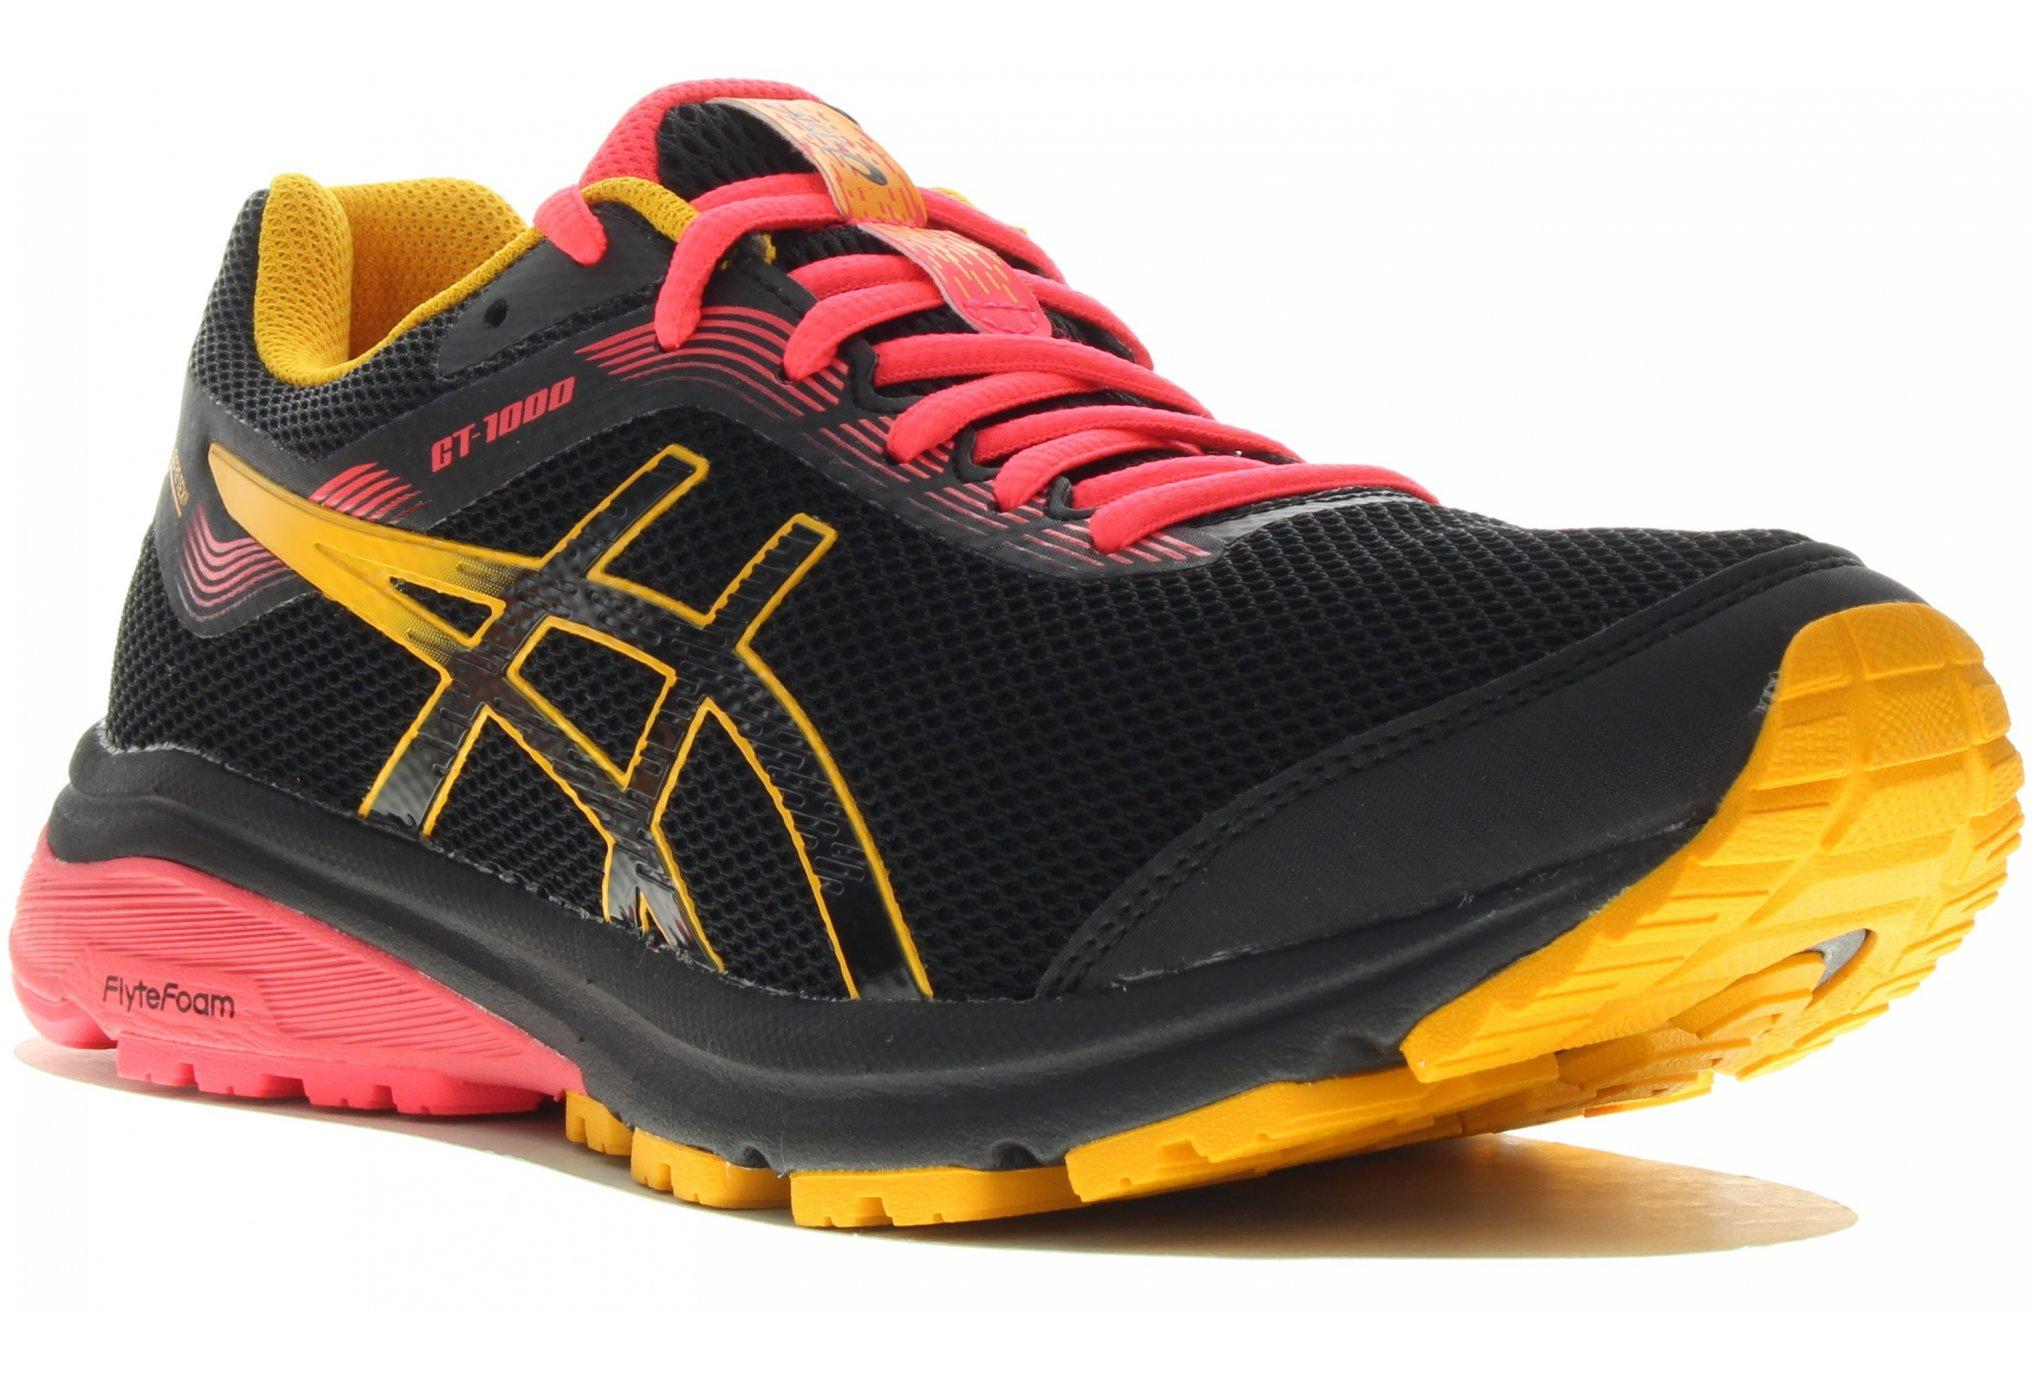 Asics GT-1000 7 Gore-Tex W Diététique Chaussures femme